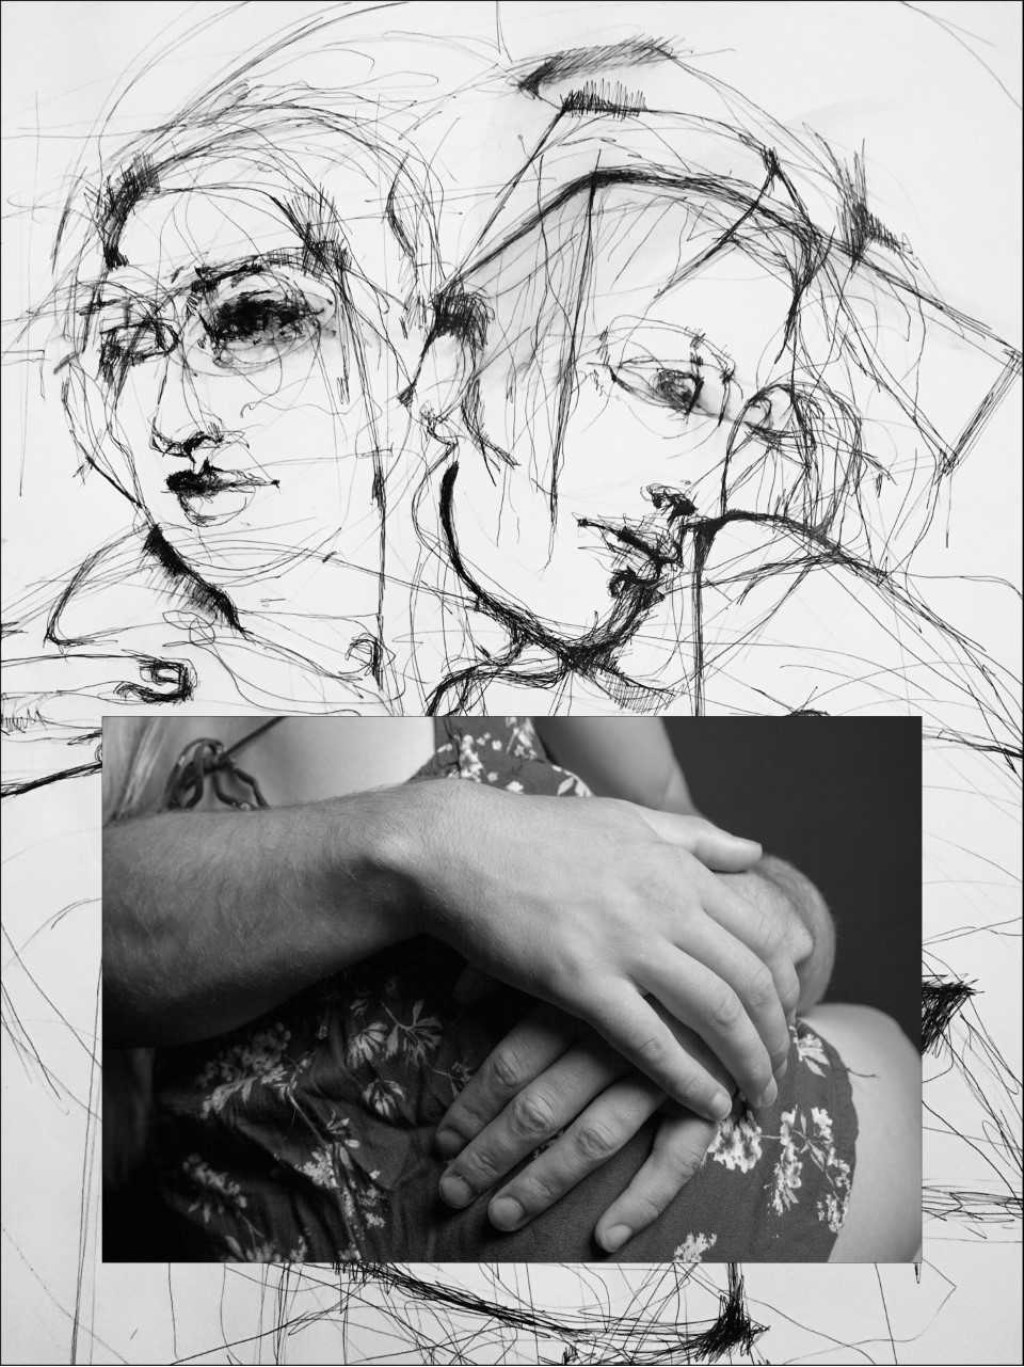 compositie met werk van Sabrina Tacci (legami) en Marina Pronk (embrace)